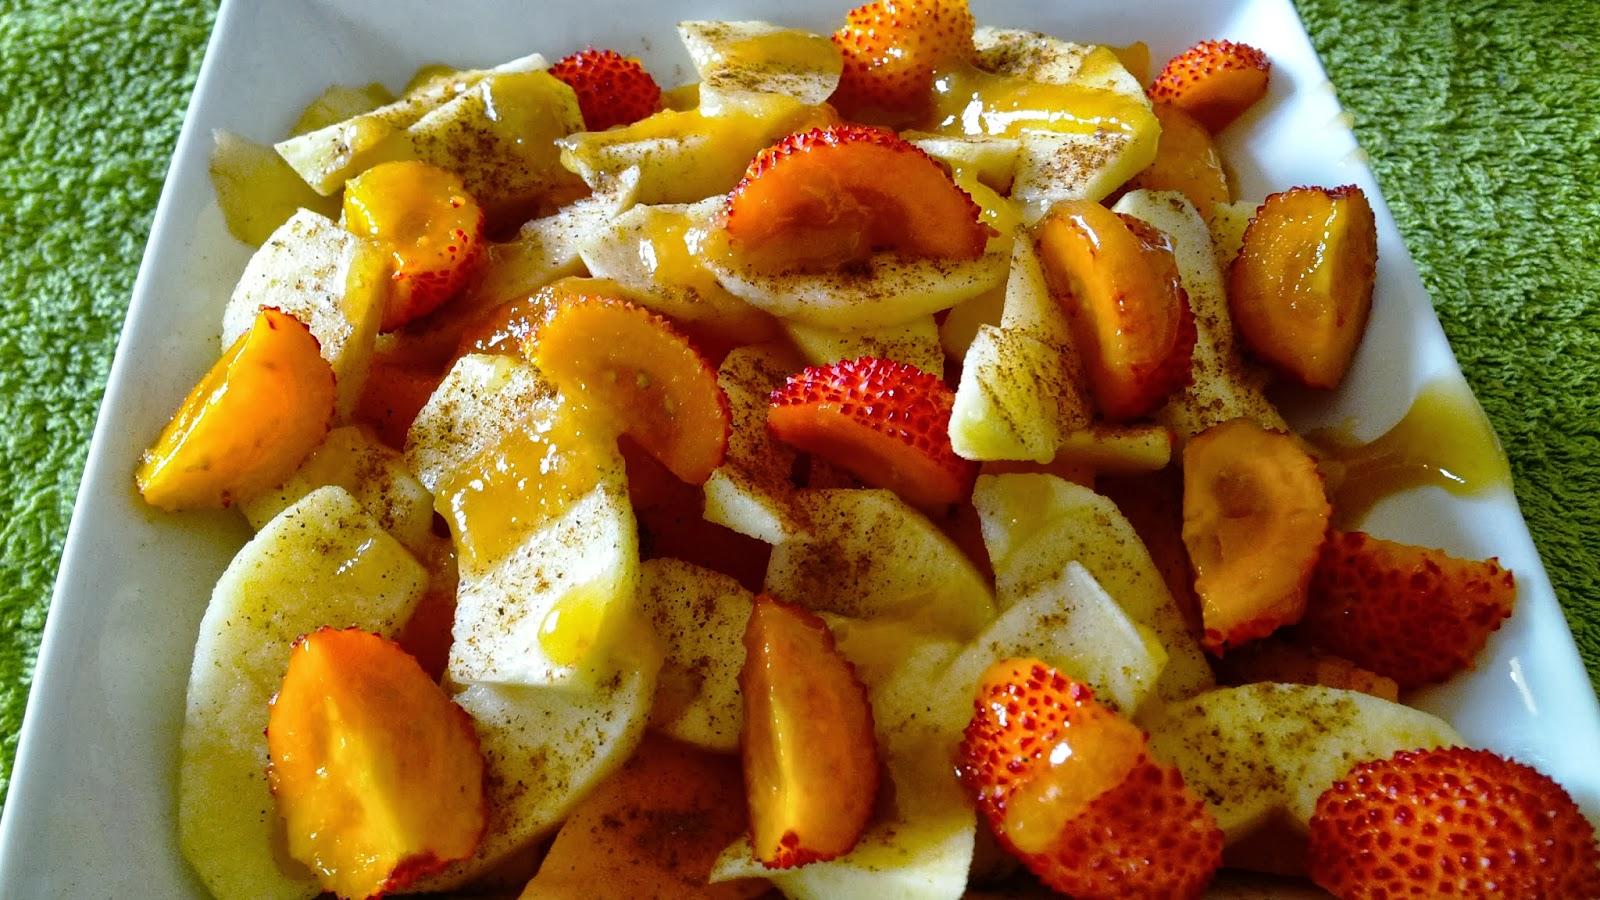 Alimentaci n gastronom a y nutrici n macedonia de frutas - Macedonia de frutas para ninos ...